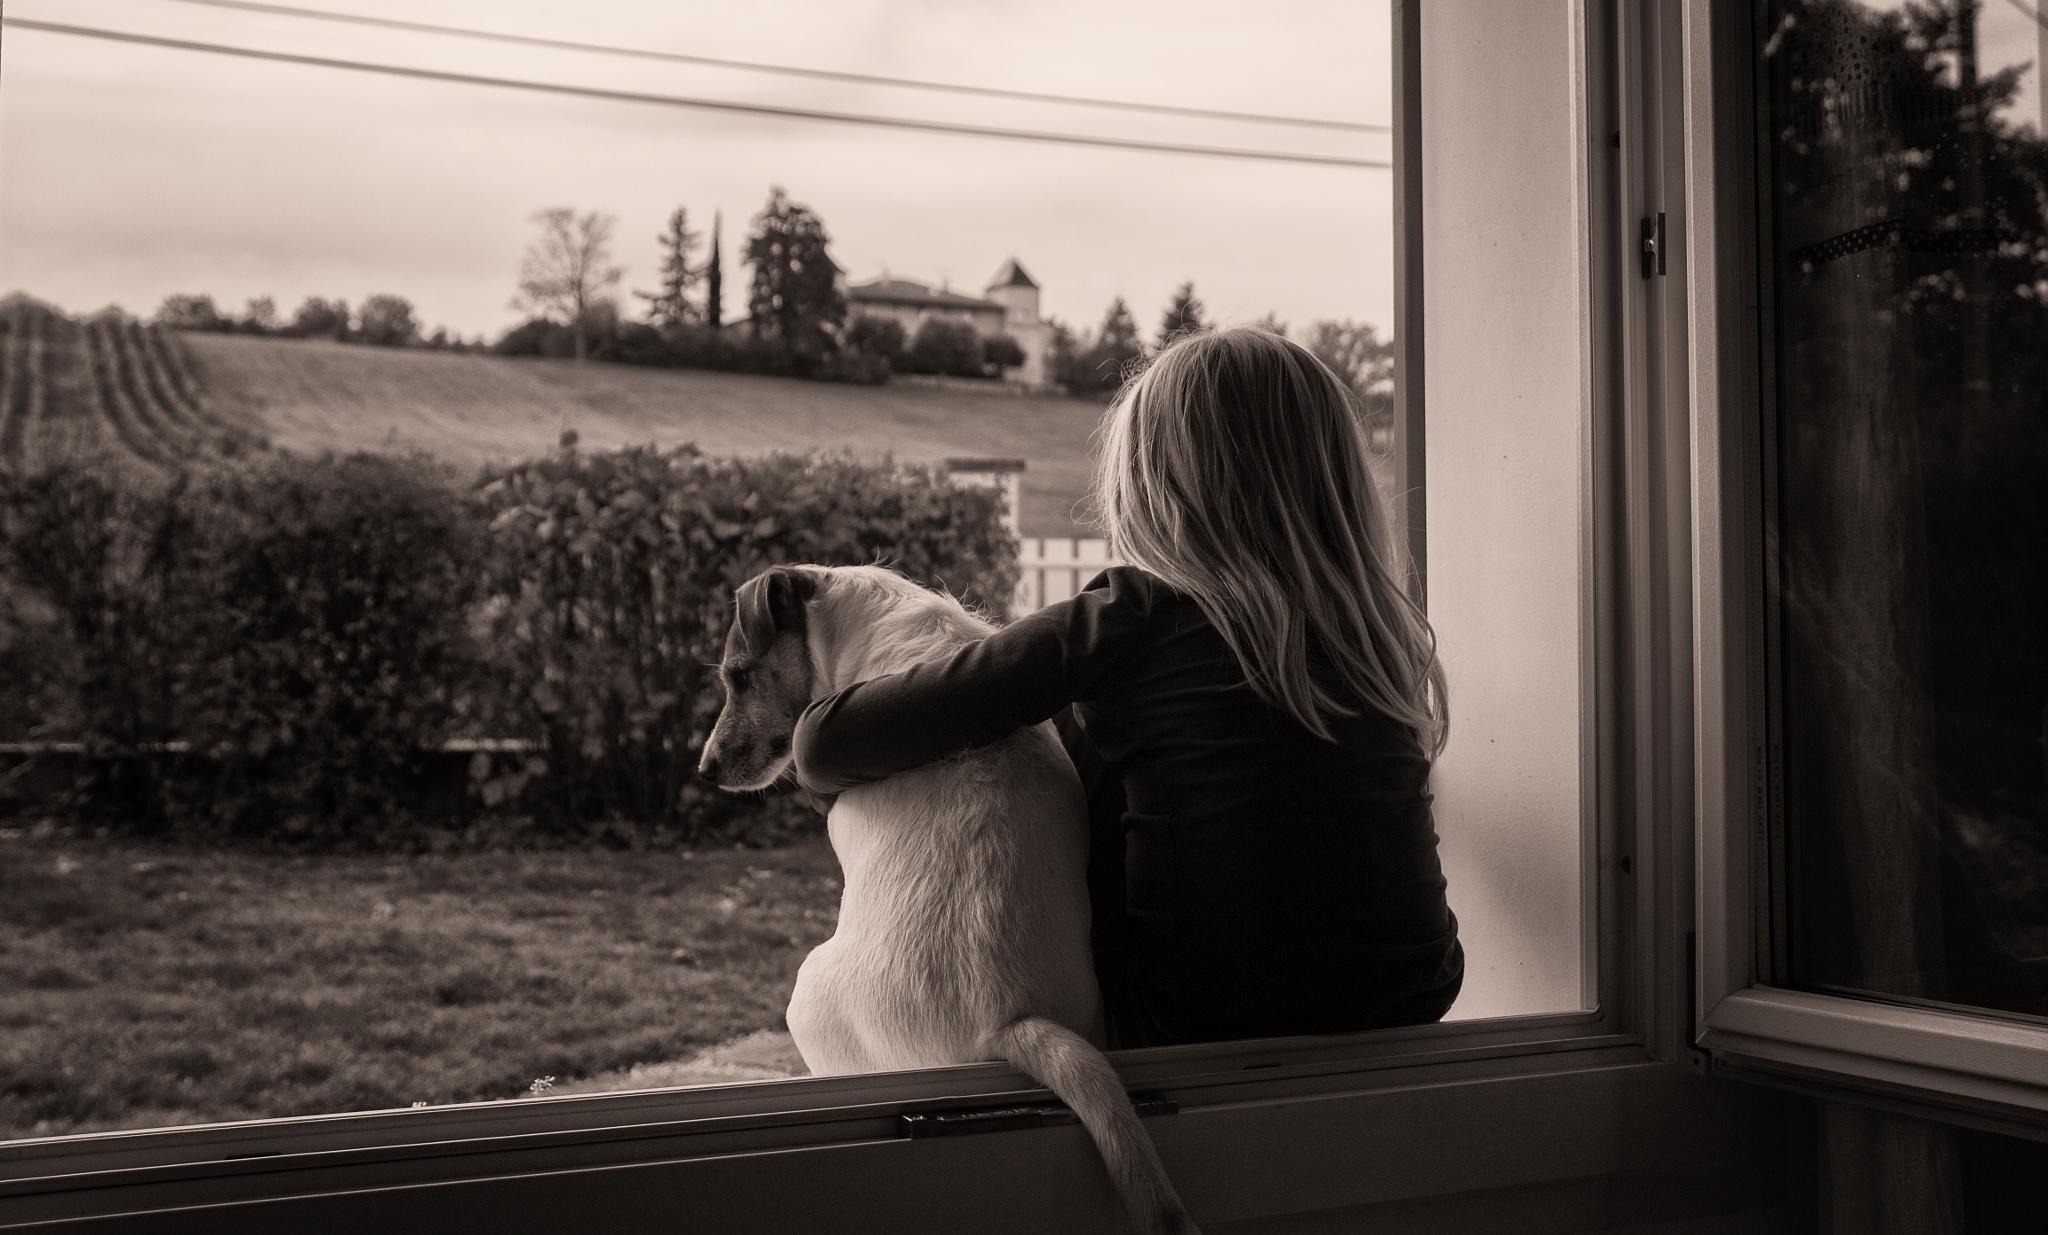 la petite fille et son chien by EmilyBy